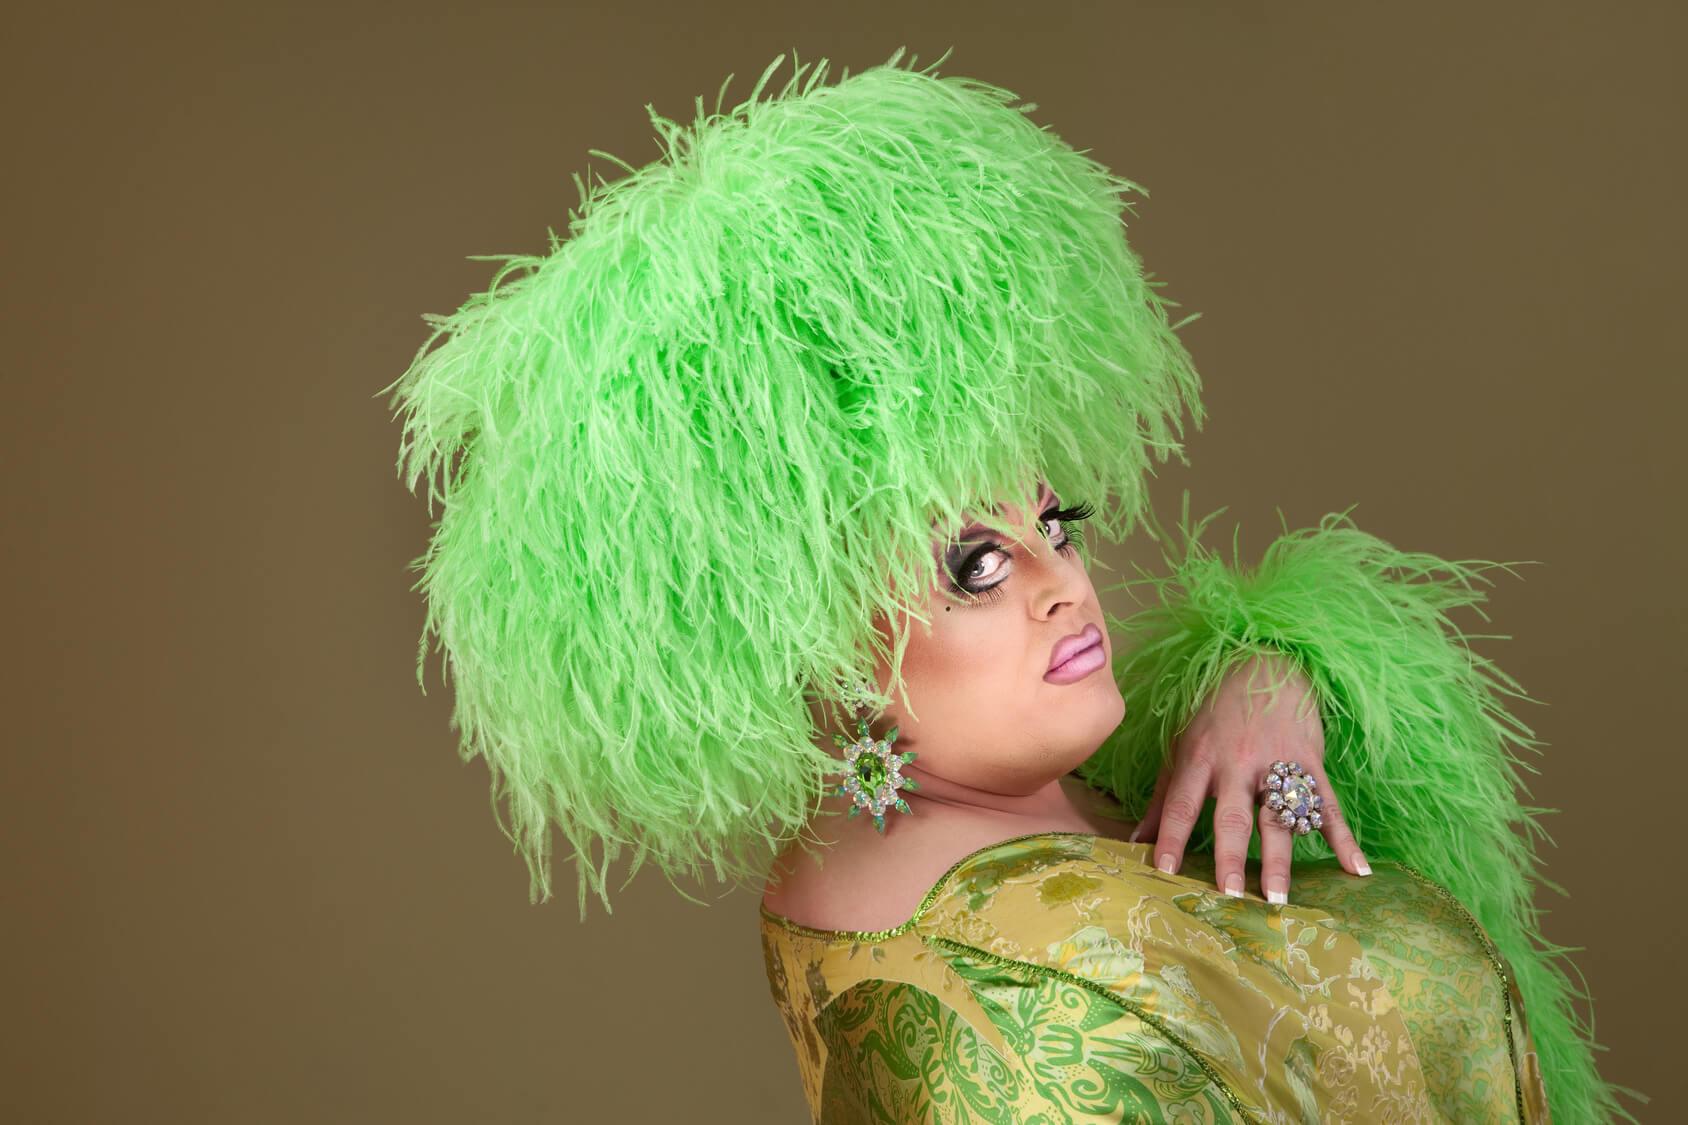 Definici n de drag queen concepto en definici n abc for Definicion de espectaculo